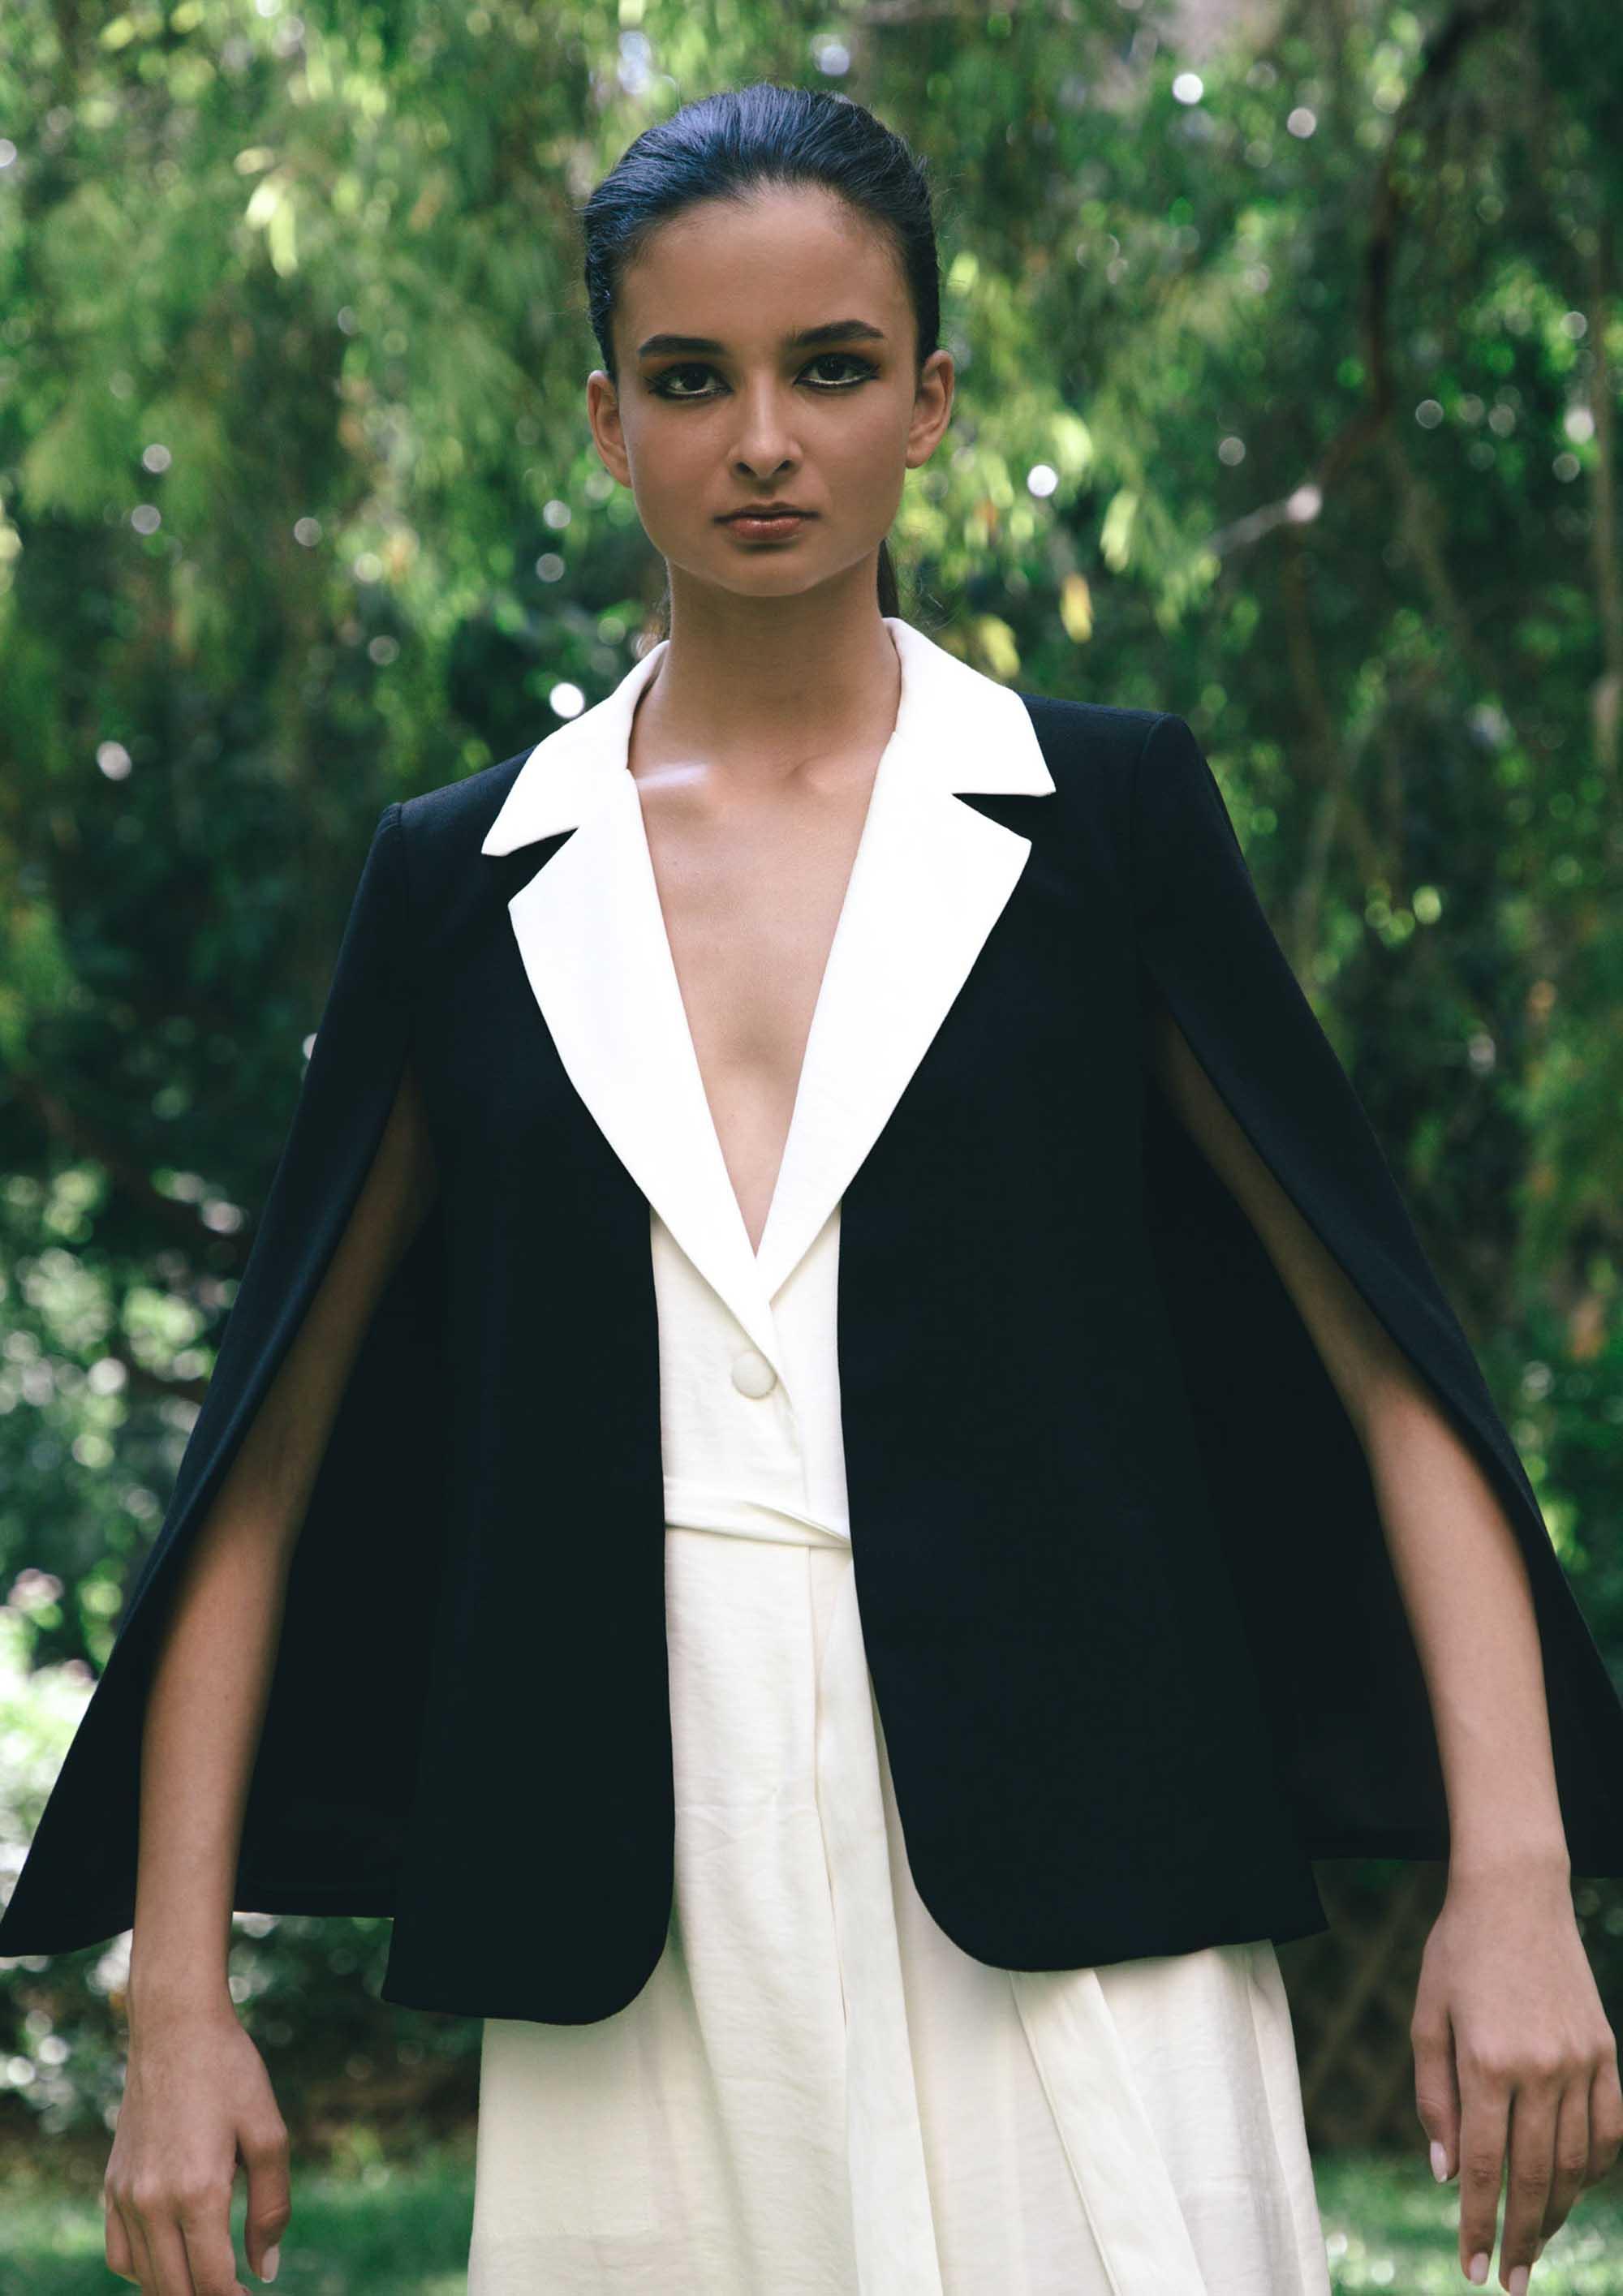 אופנה, Fashion Academy: סטיילינג: Liron Dishel Stylementor, צילום Dana Lavie, איפור ועיצוב שיער Tal Lavie, דוגמנית: Benhai Marie ל-Yuli Models, מגזין אופנה -4